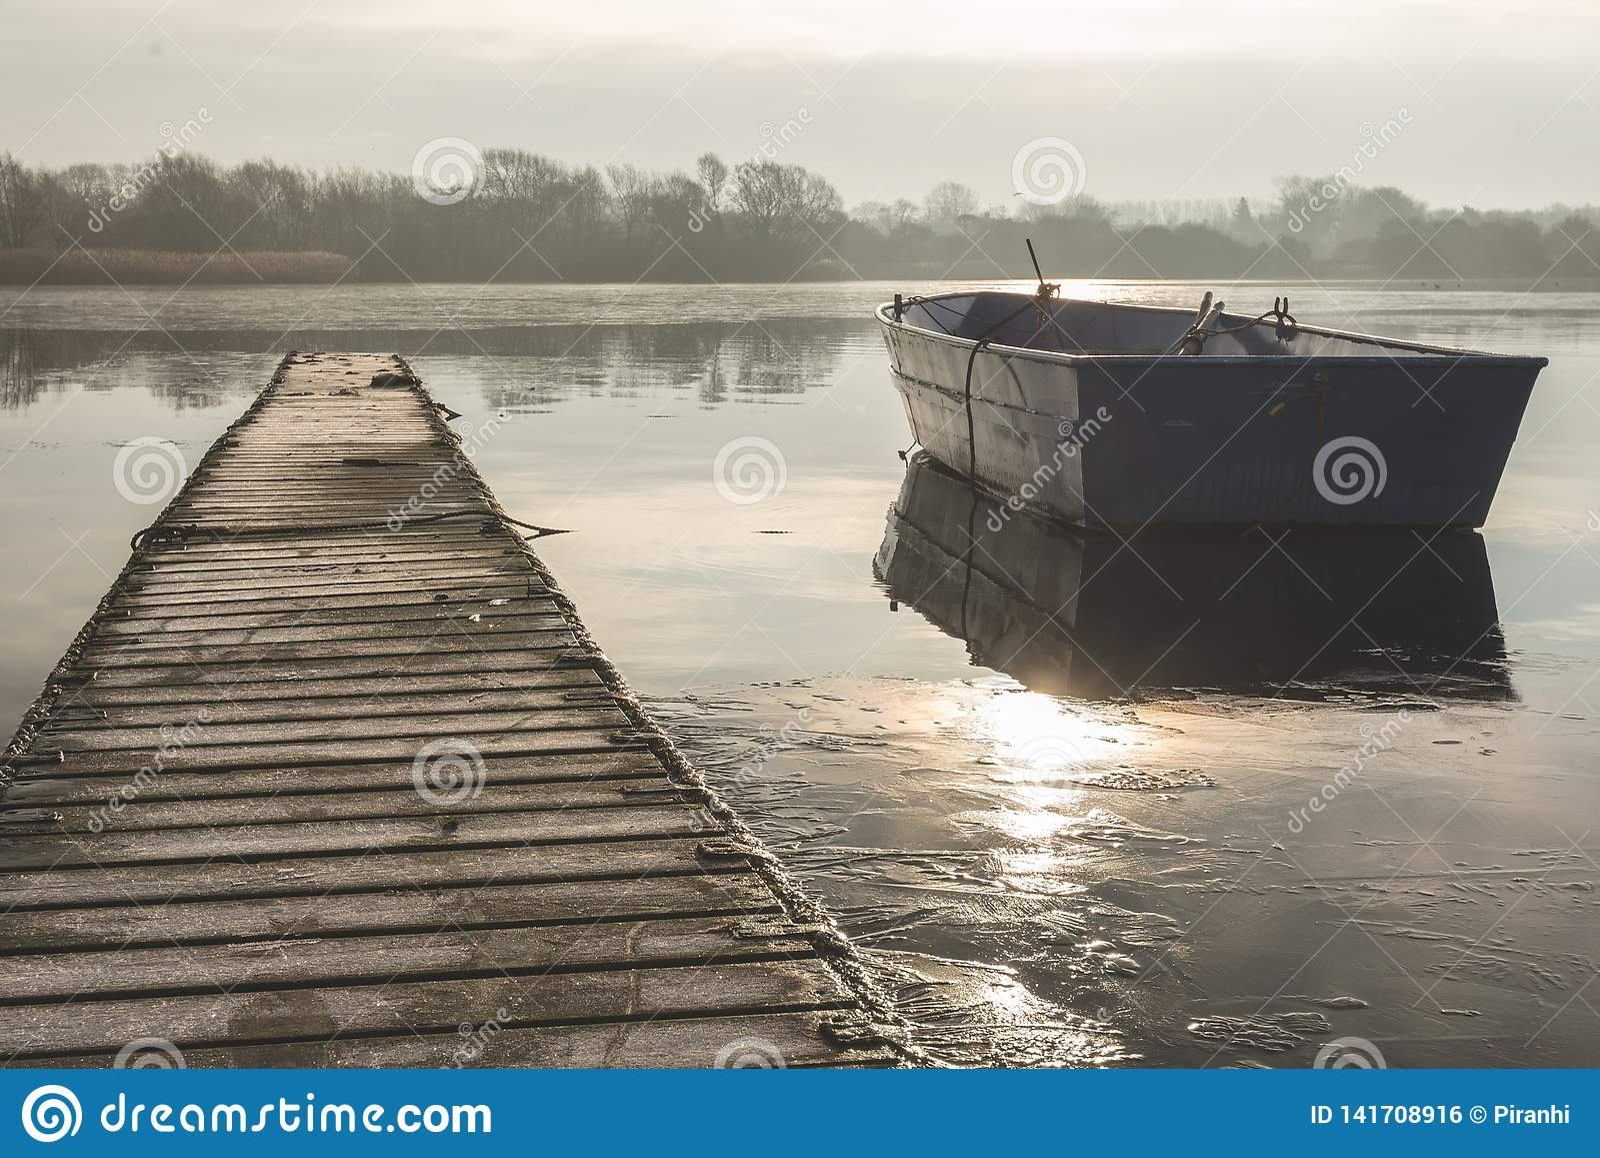 Un bateau à rames flotte à la dérive sur un lac congelé près d un passage couvert vide